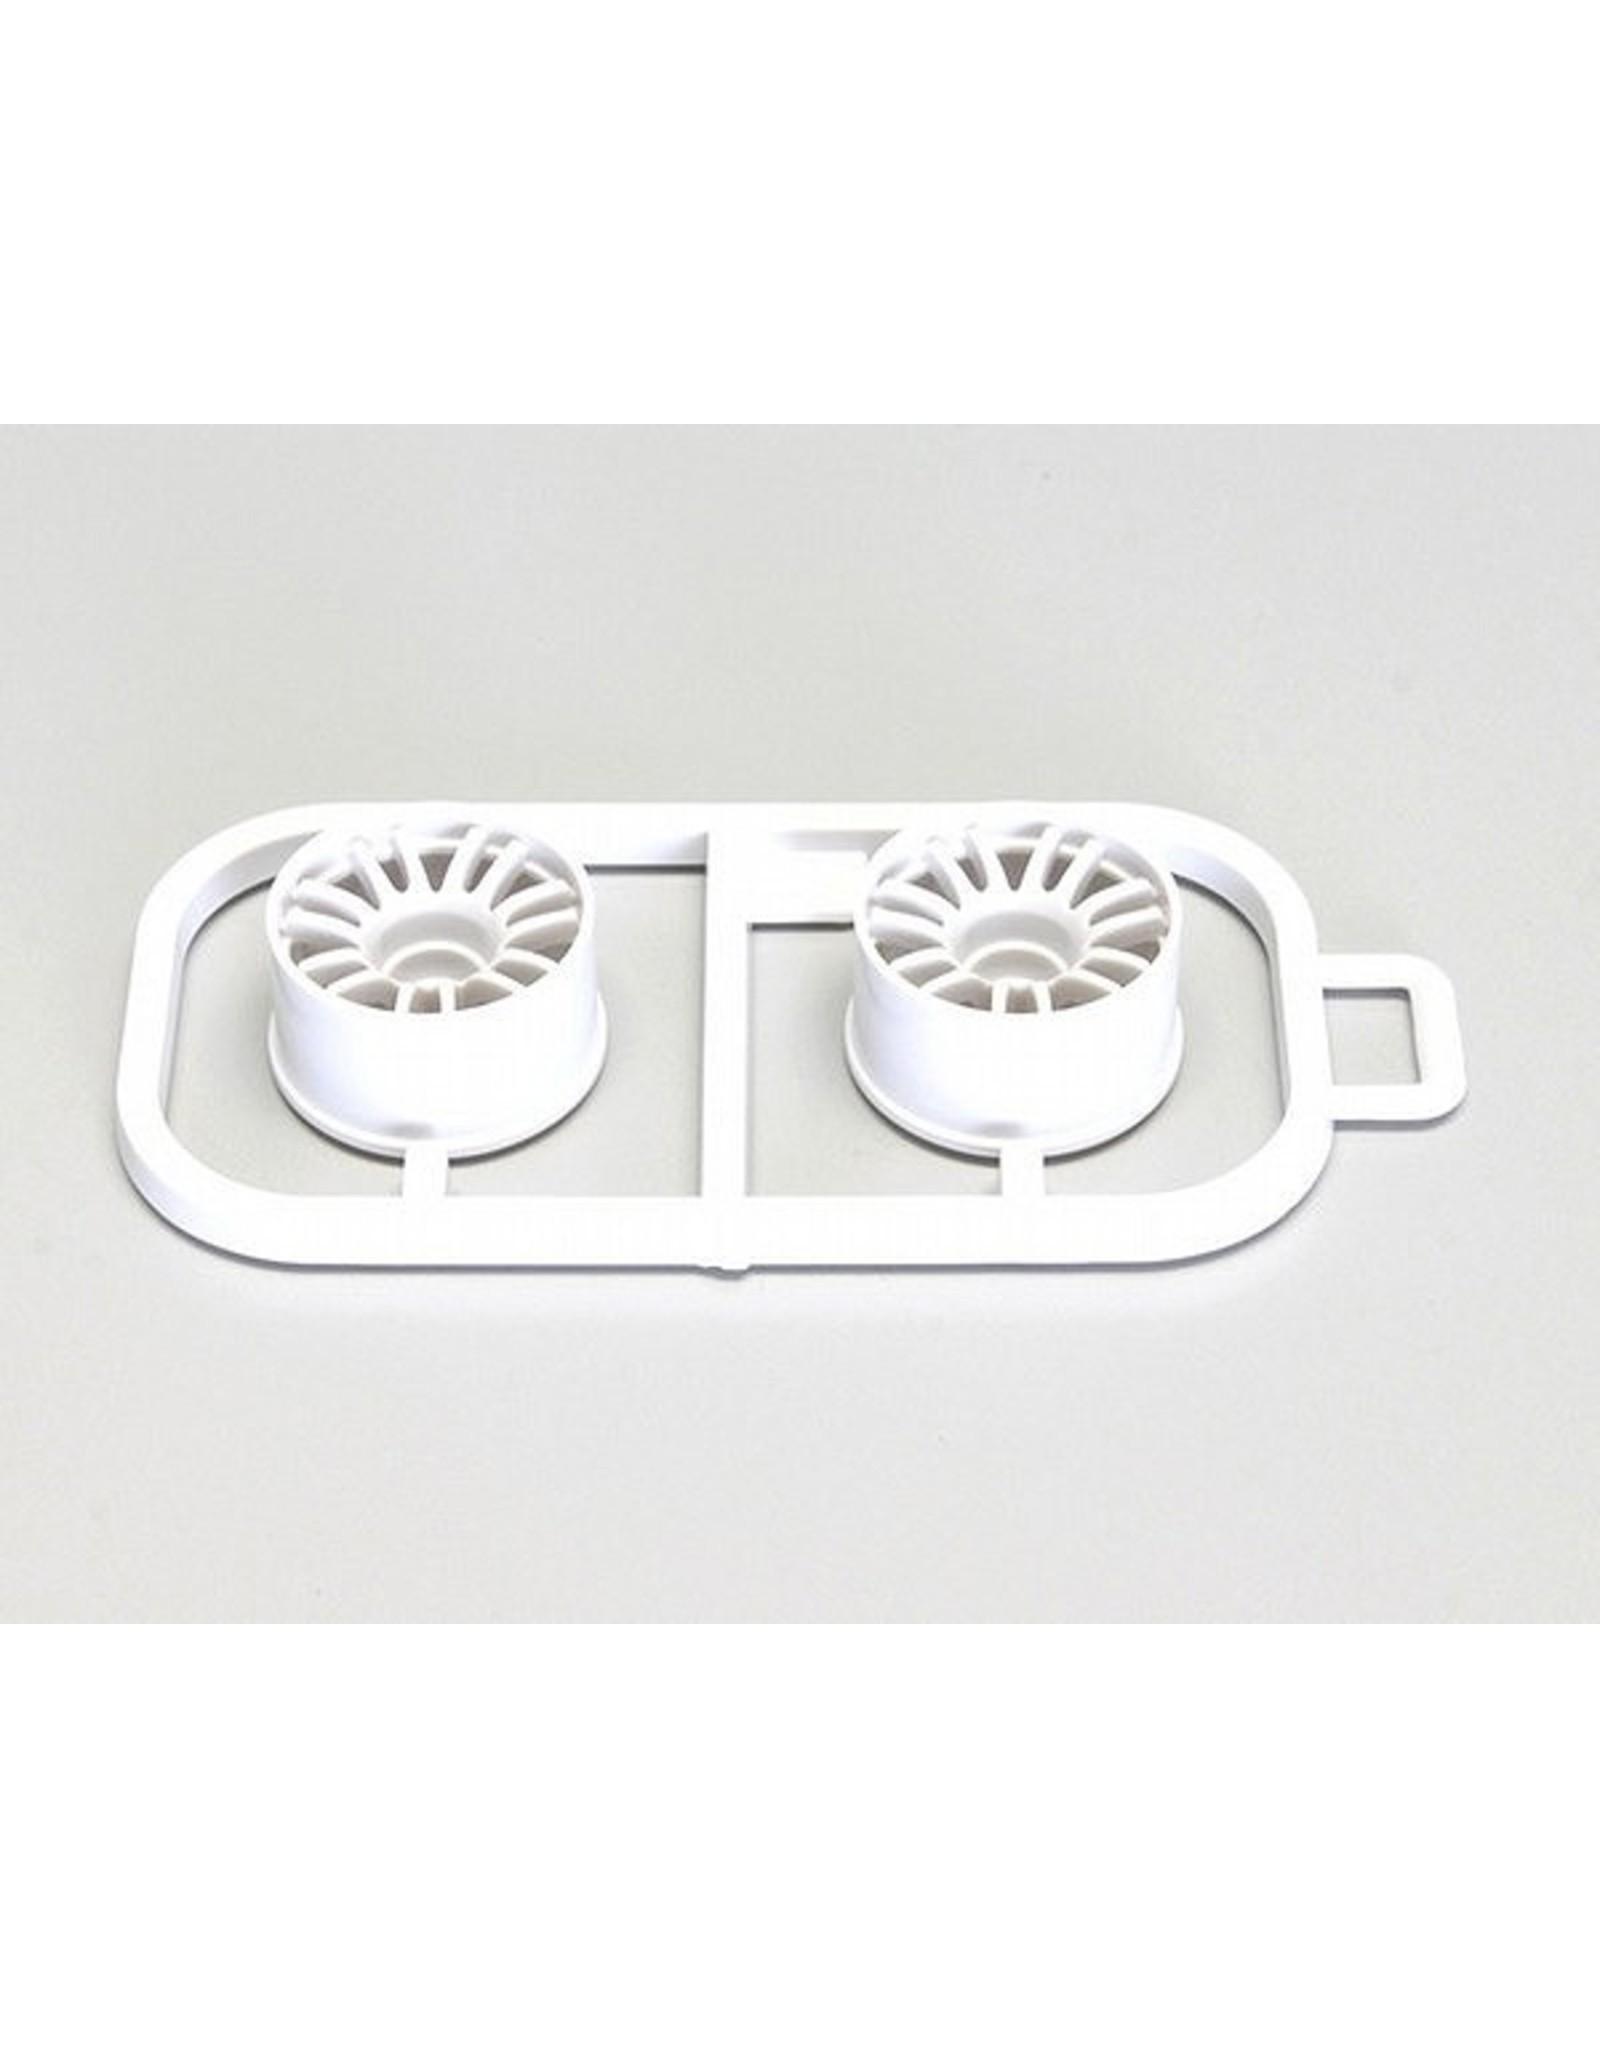 Kyosho Multi Wheel II W/Offset 1 (White/RE30/2pcs) (MZH131W-W1)